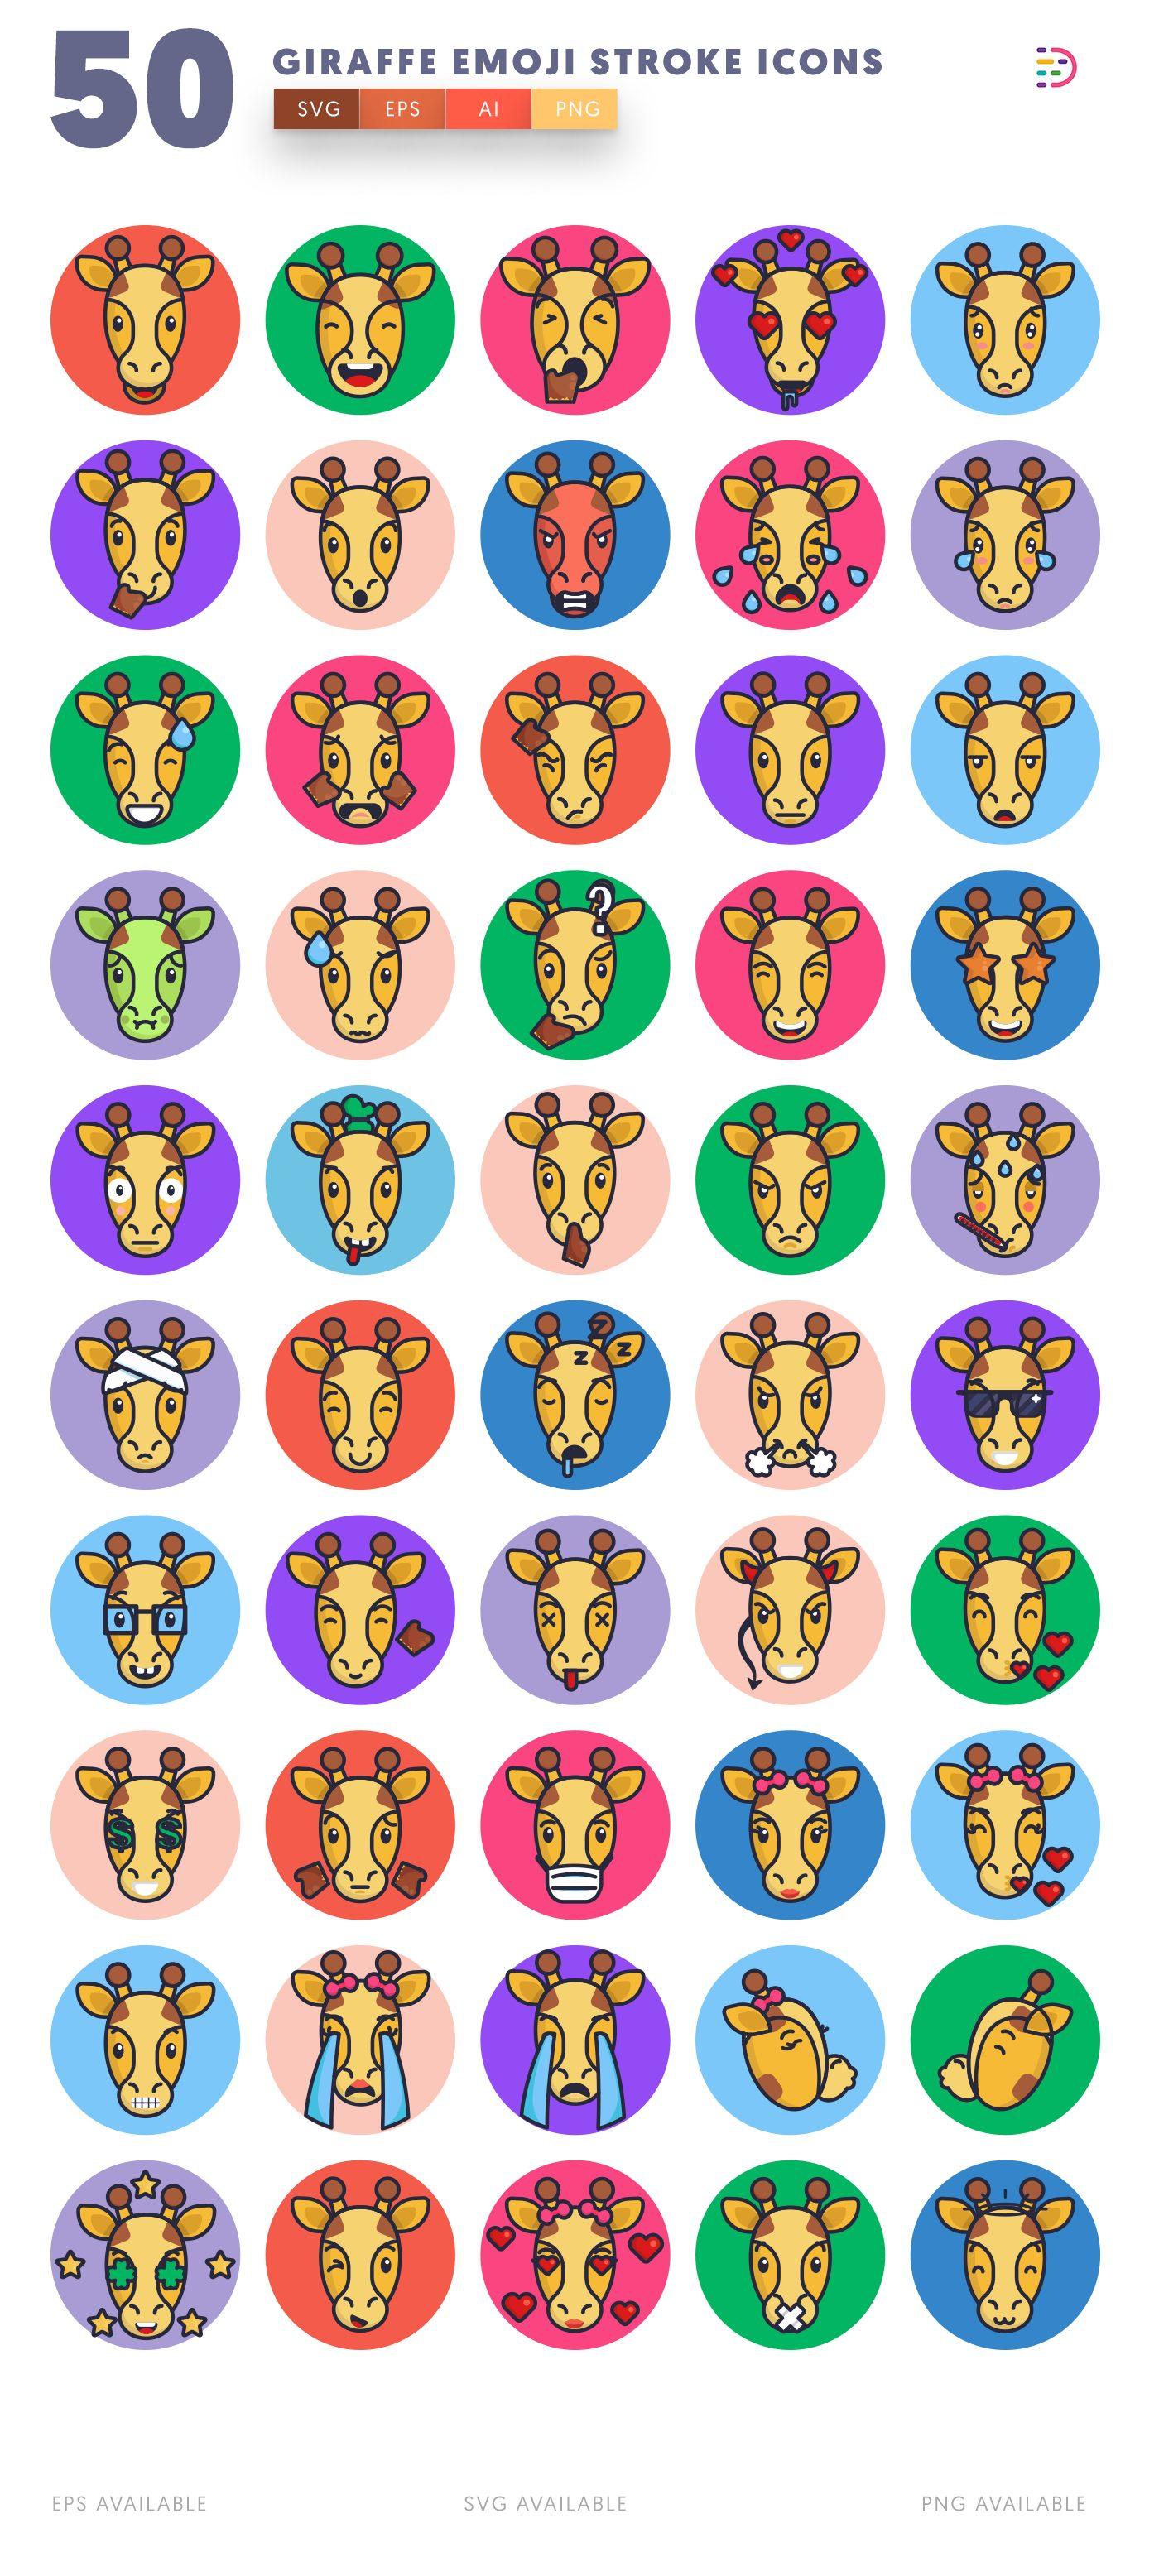 Giraffe Emoji Stroke icon pack